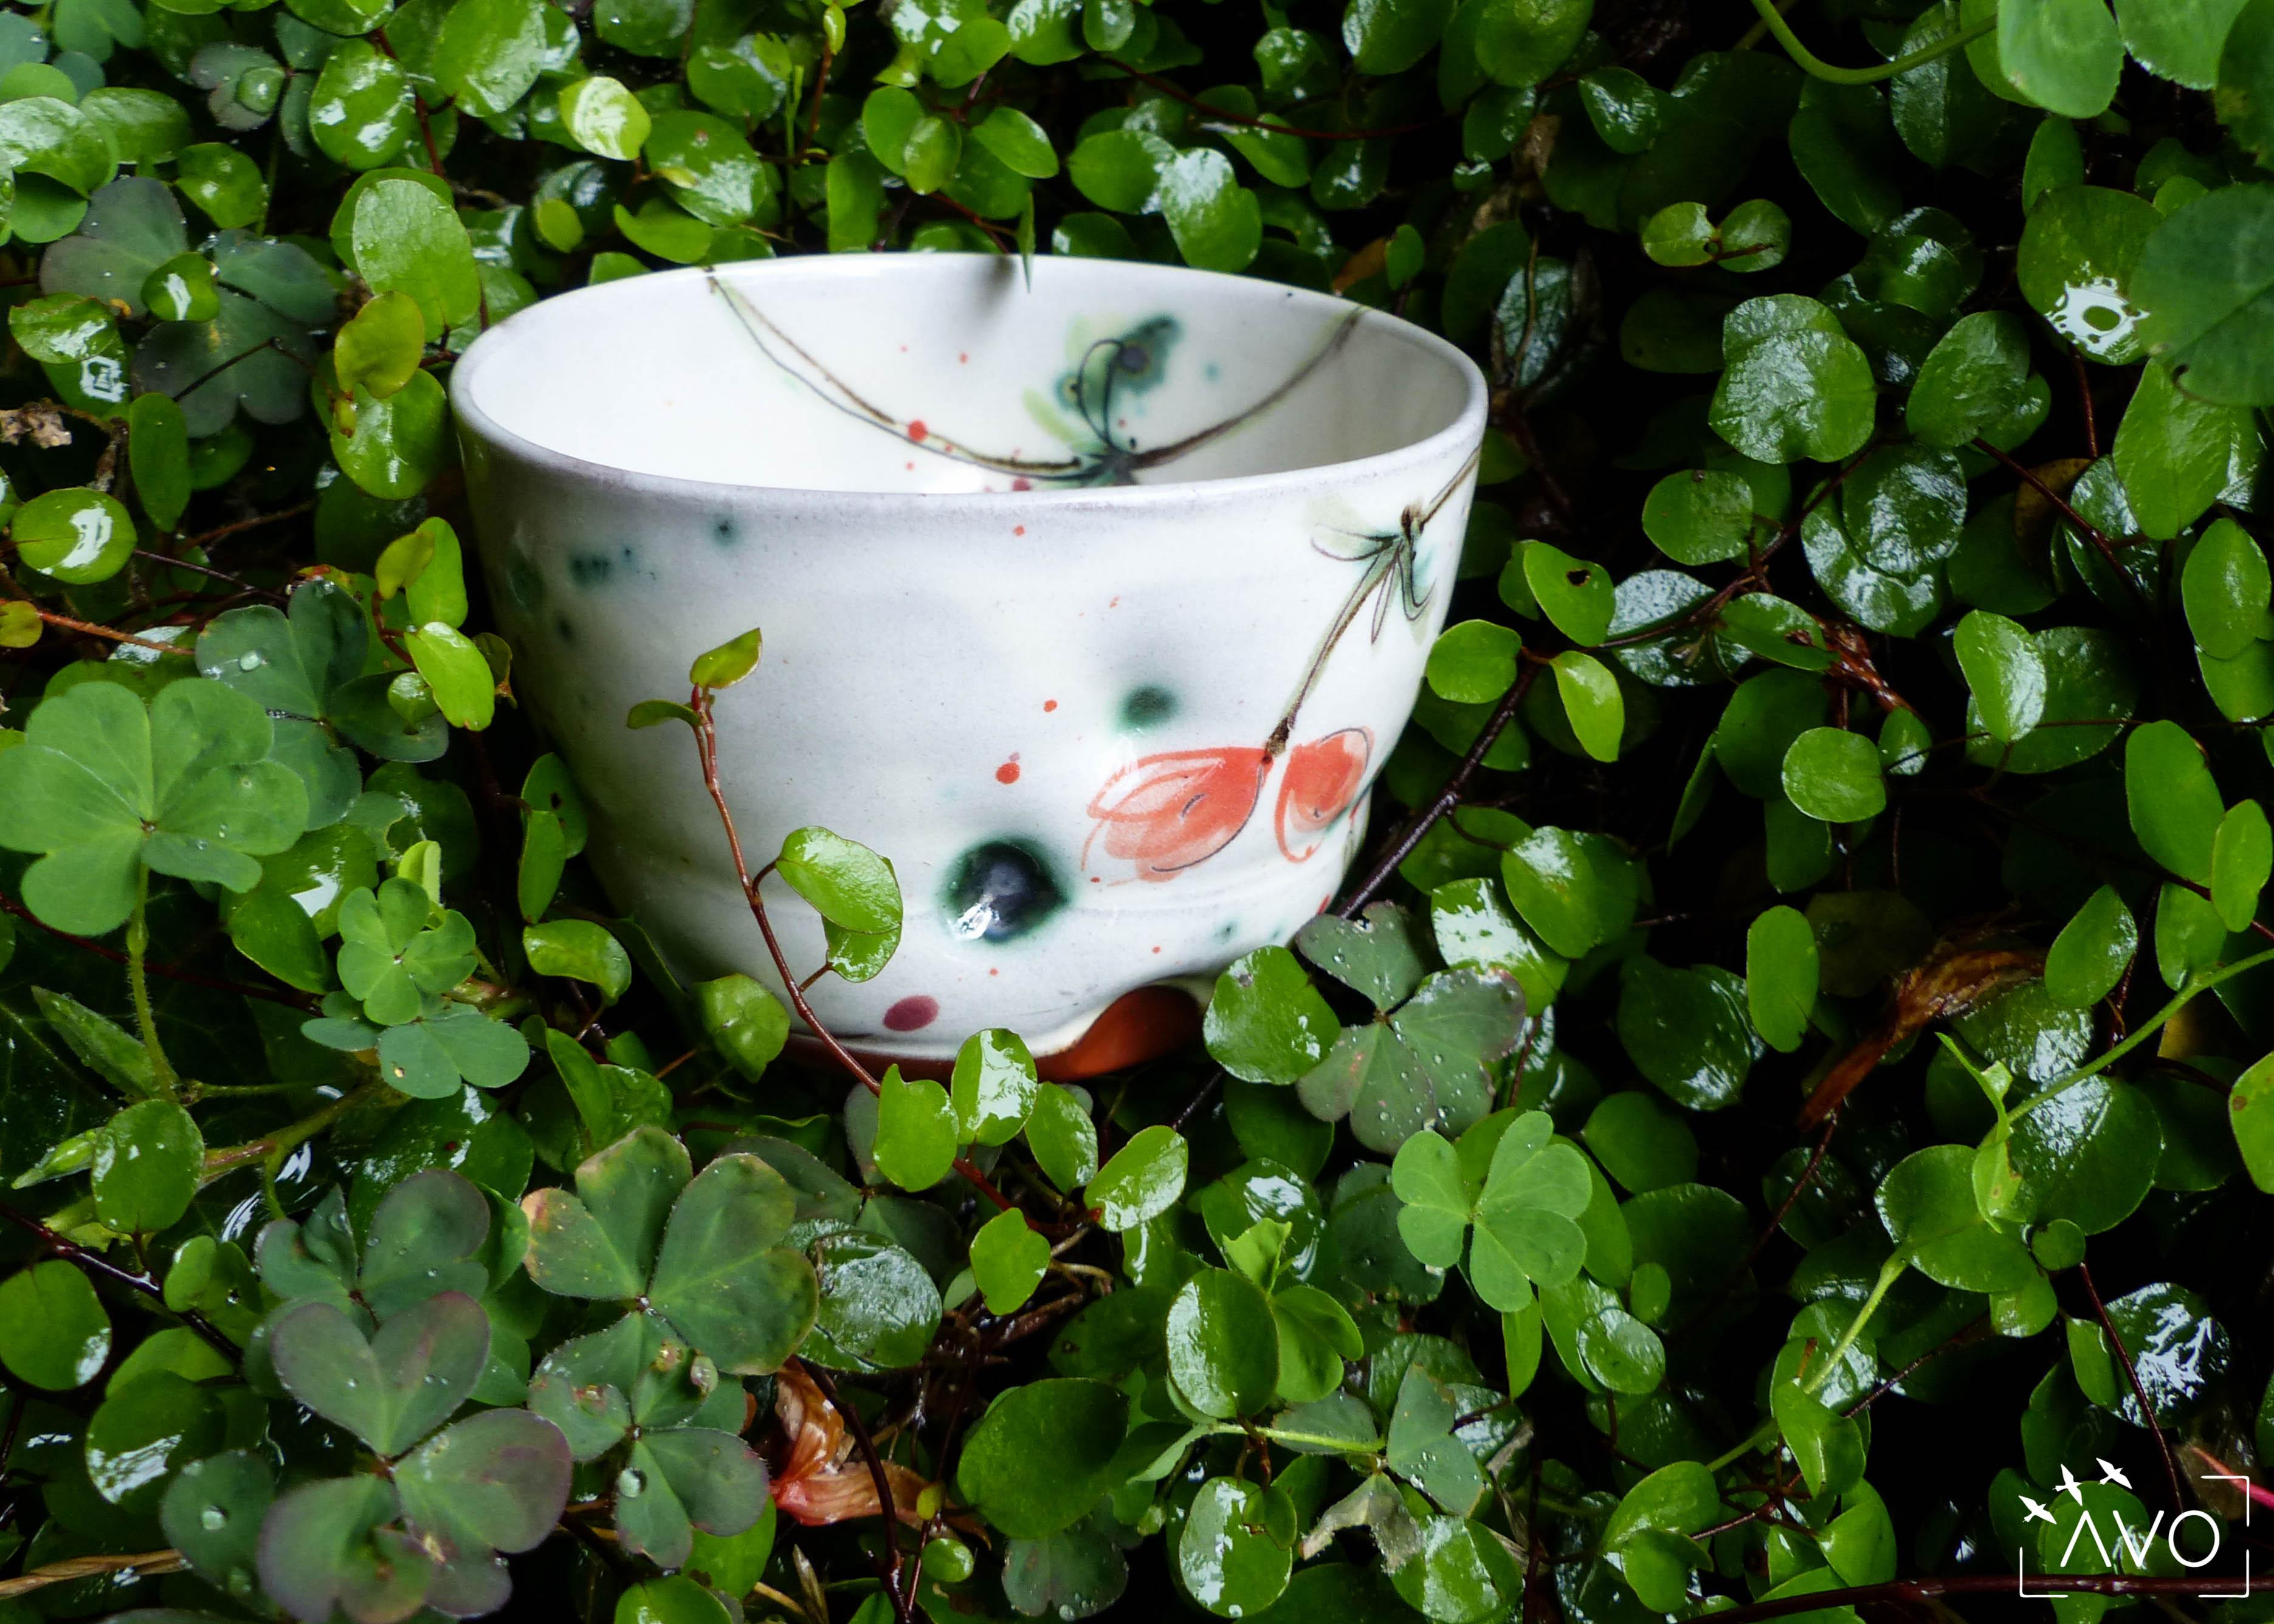 marina-leflon-ceramiste-courzieu-atelier-gres-faience-fleurs-terre-avo-ceramiques-art-de-la-table-atelier-poterie